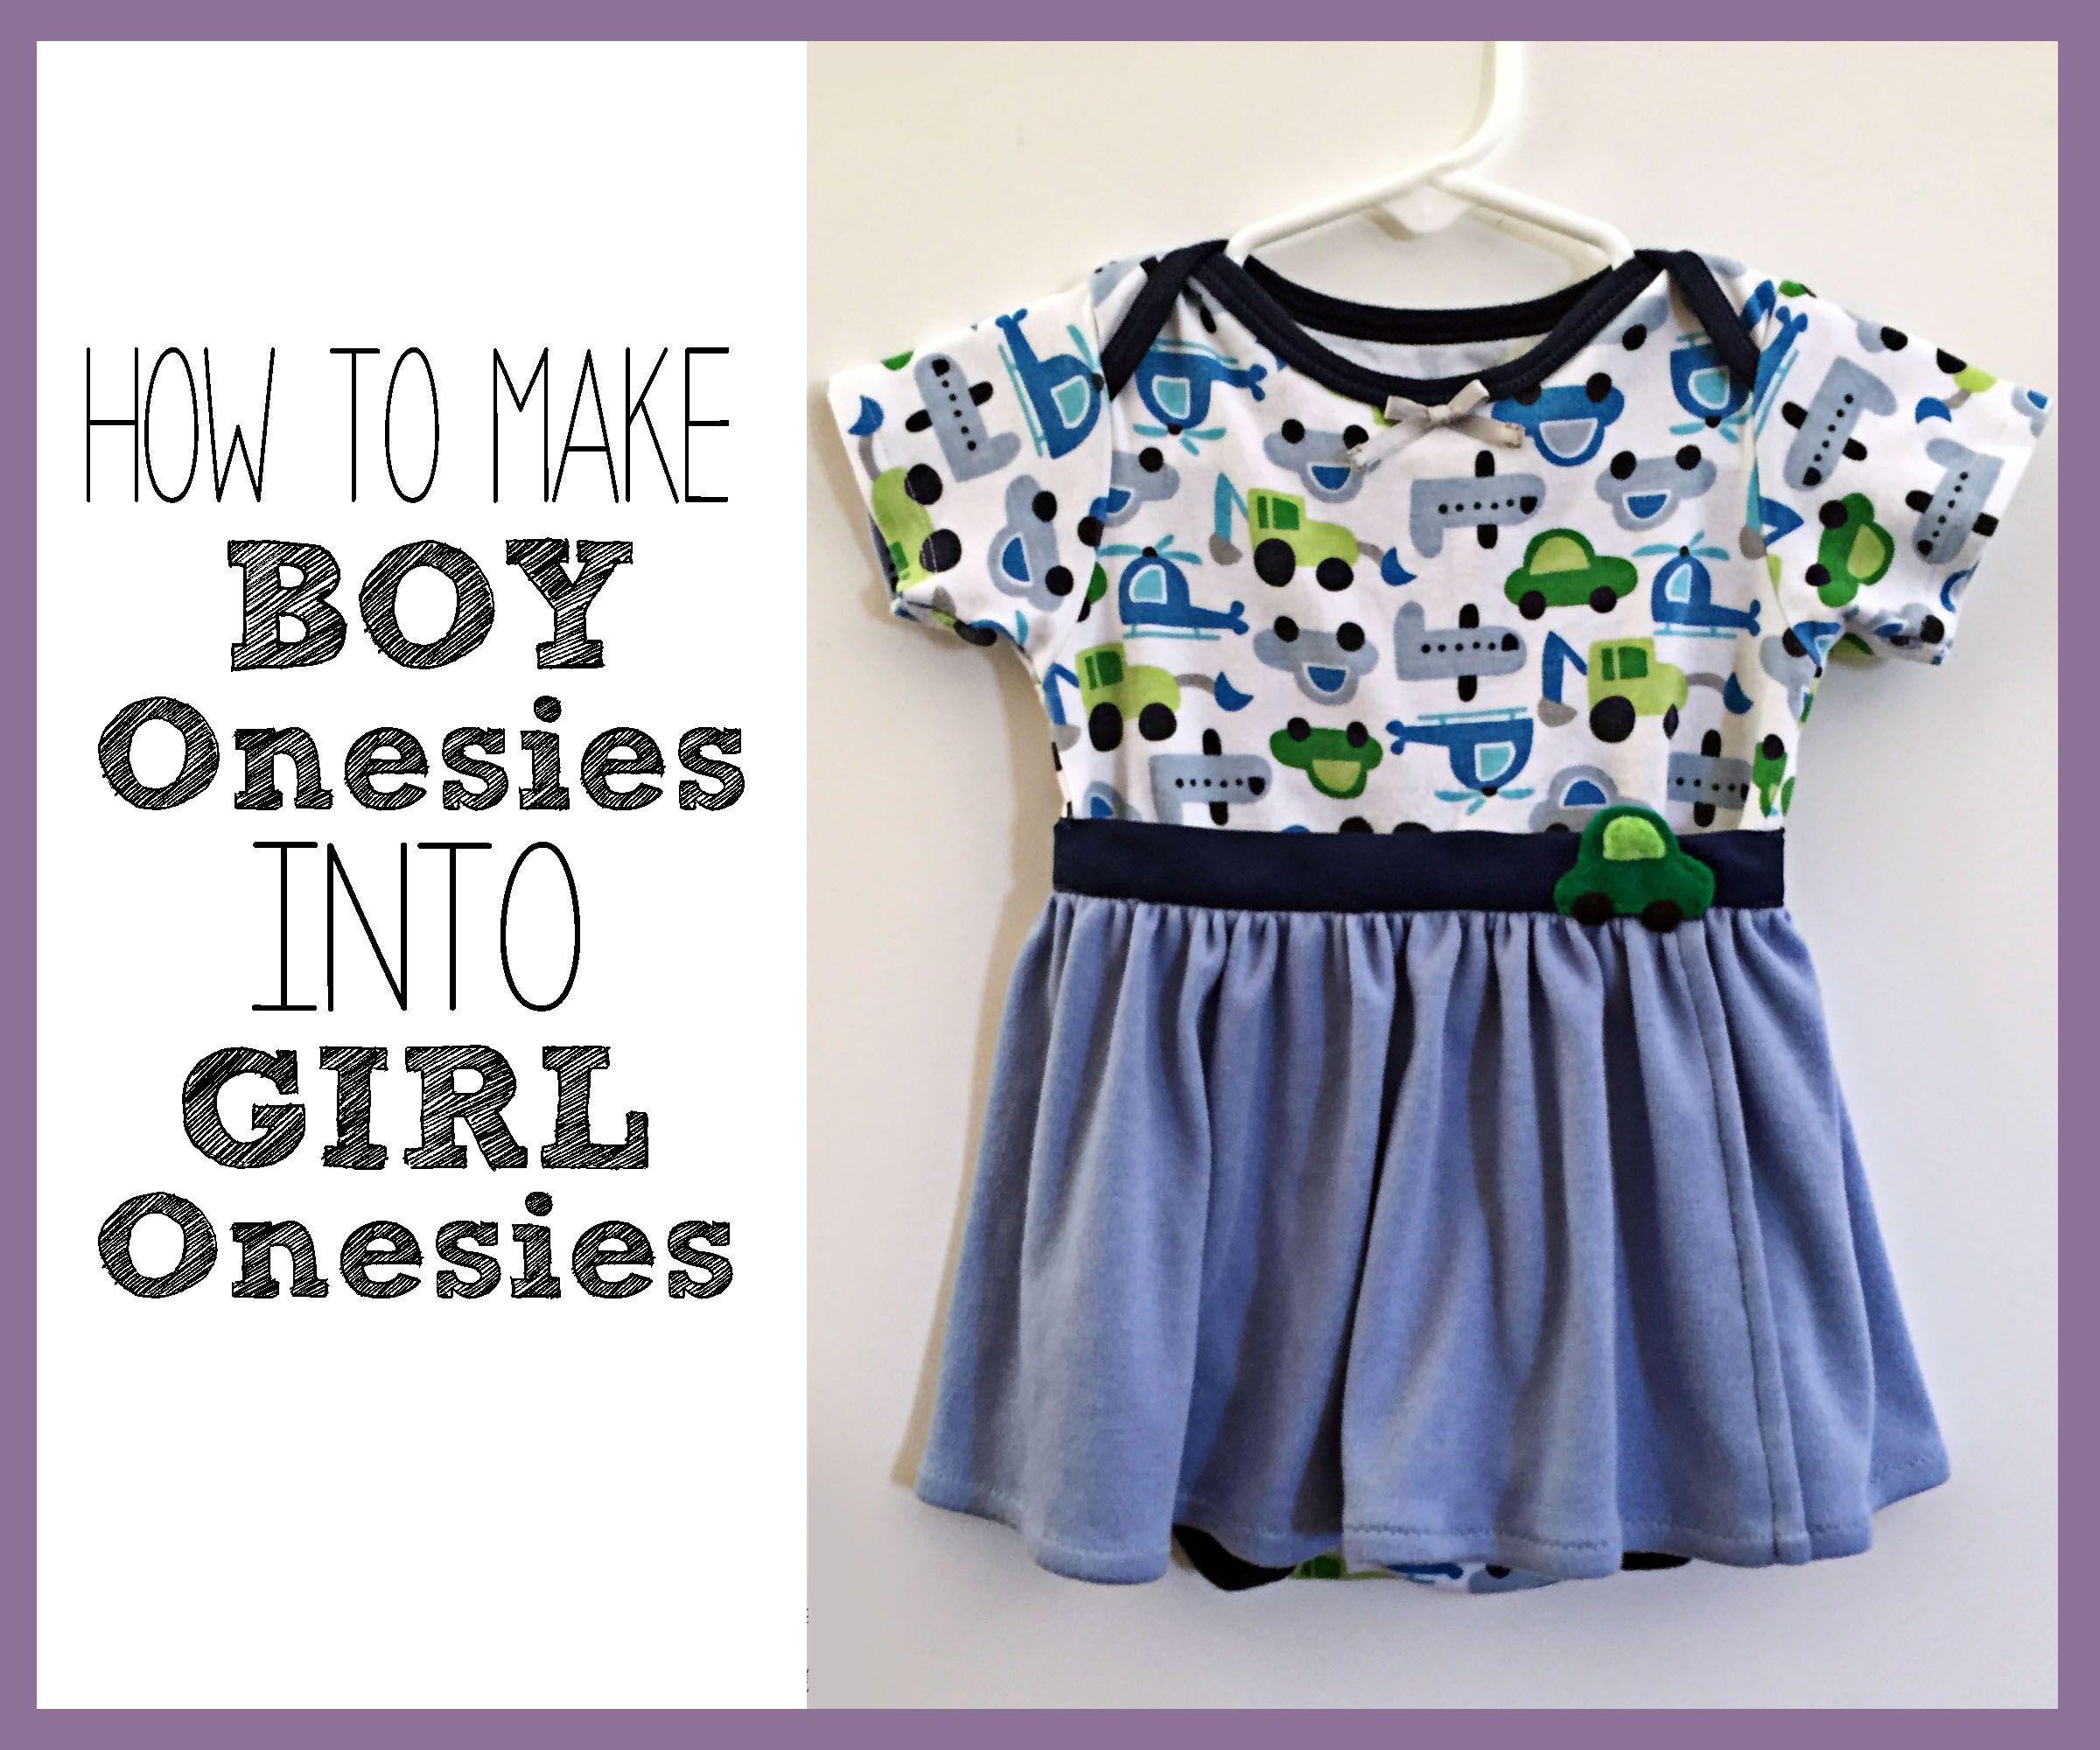 7 Simple Ways to Make Boy Onesies into Girl Onesies